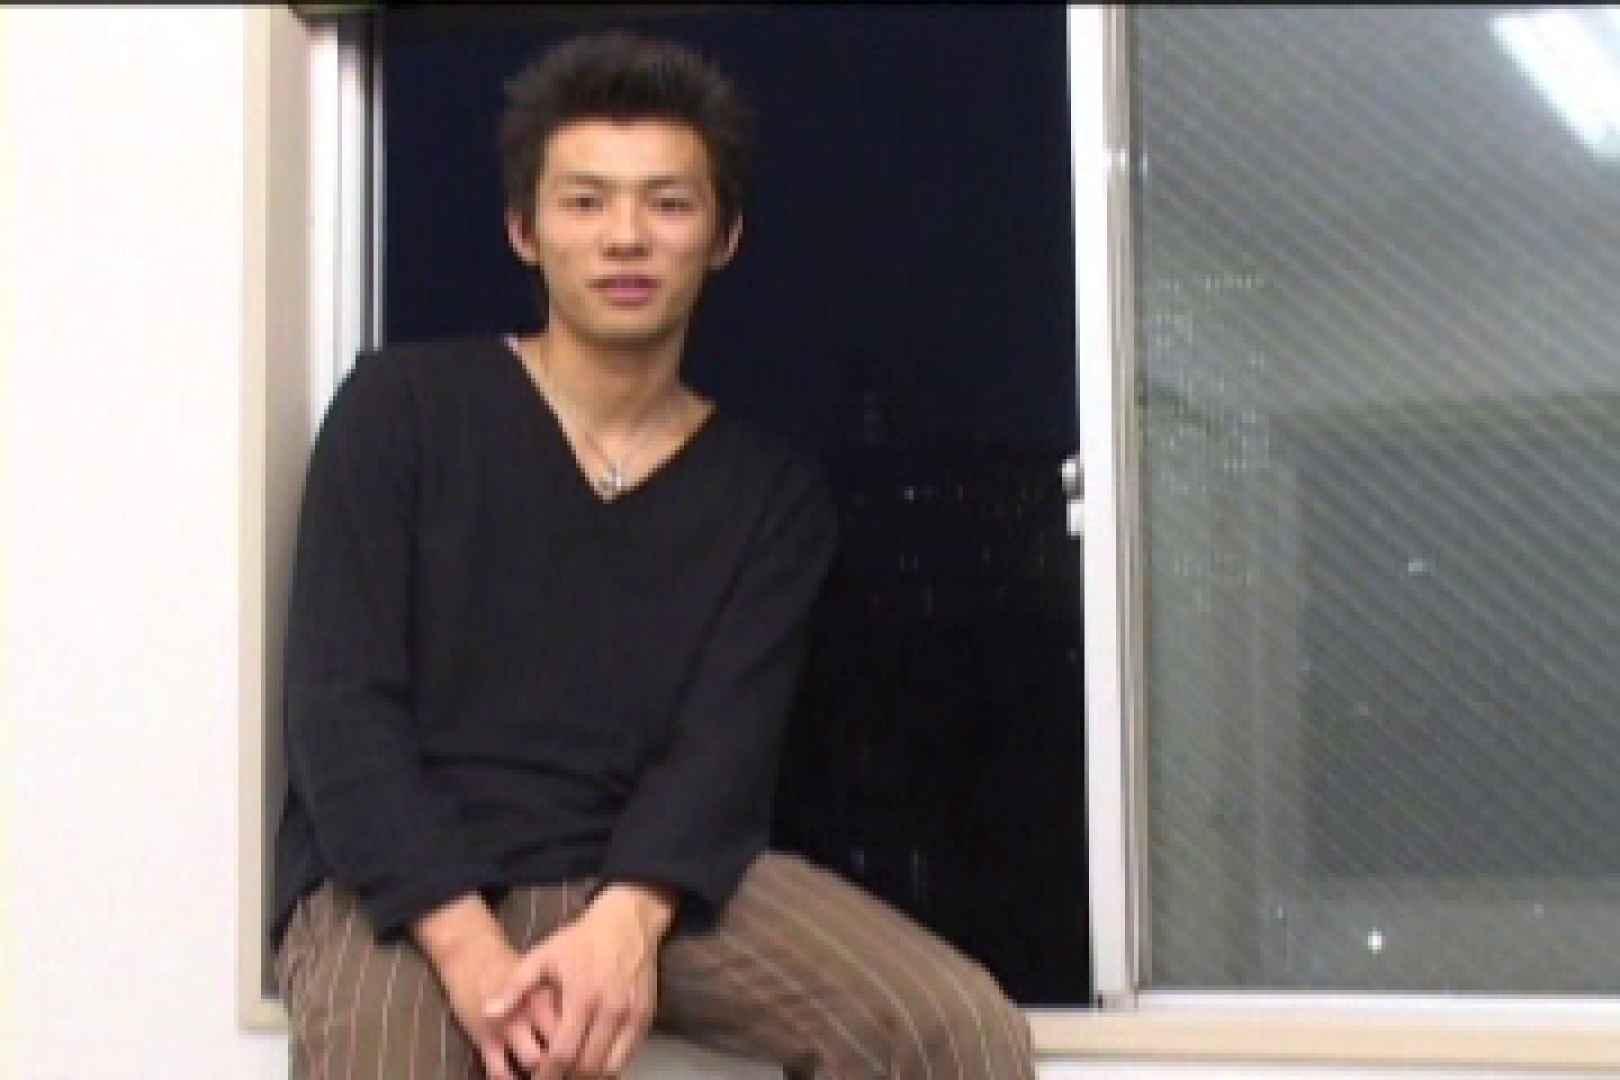 ノンケ君?まさかの初体験!!大学生のPVFile.first day 学生 ゲイエロ動画 75pic 42